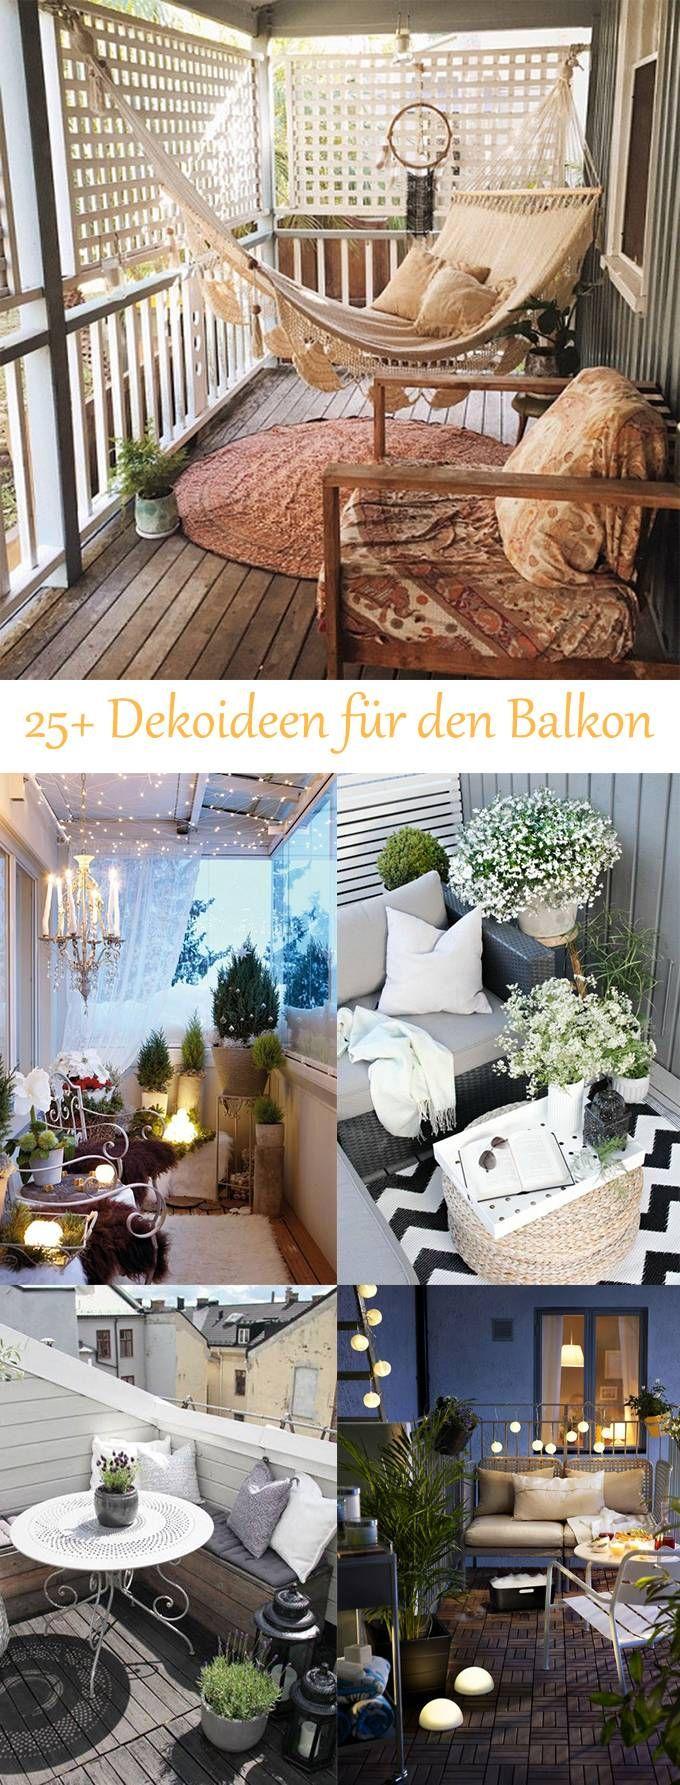 372 best Wohnideen: Wohnzimmer & Wohnung einrichten images on ...